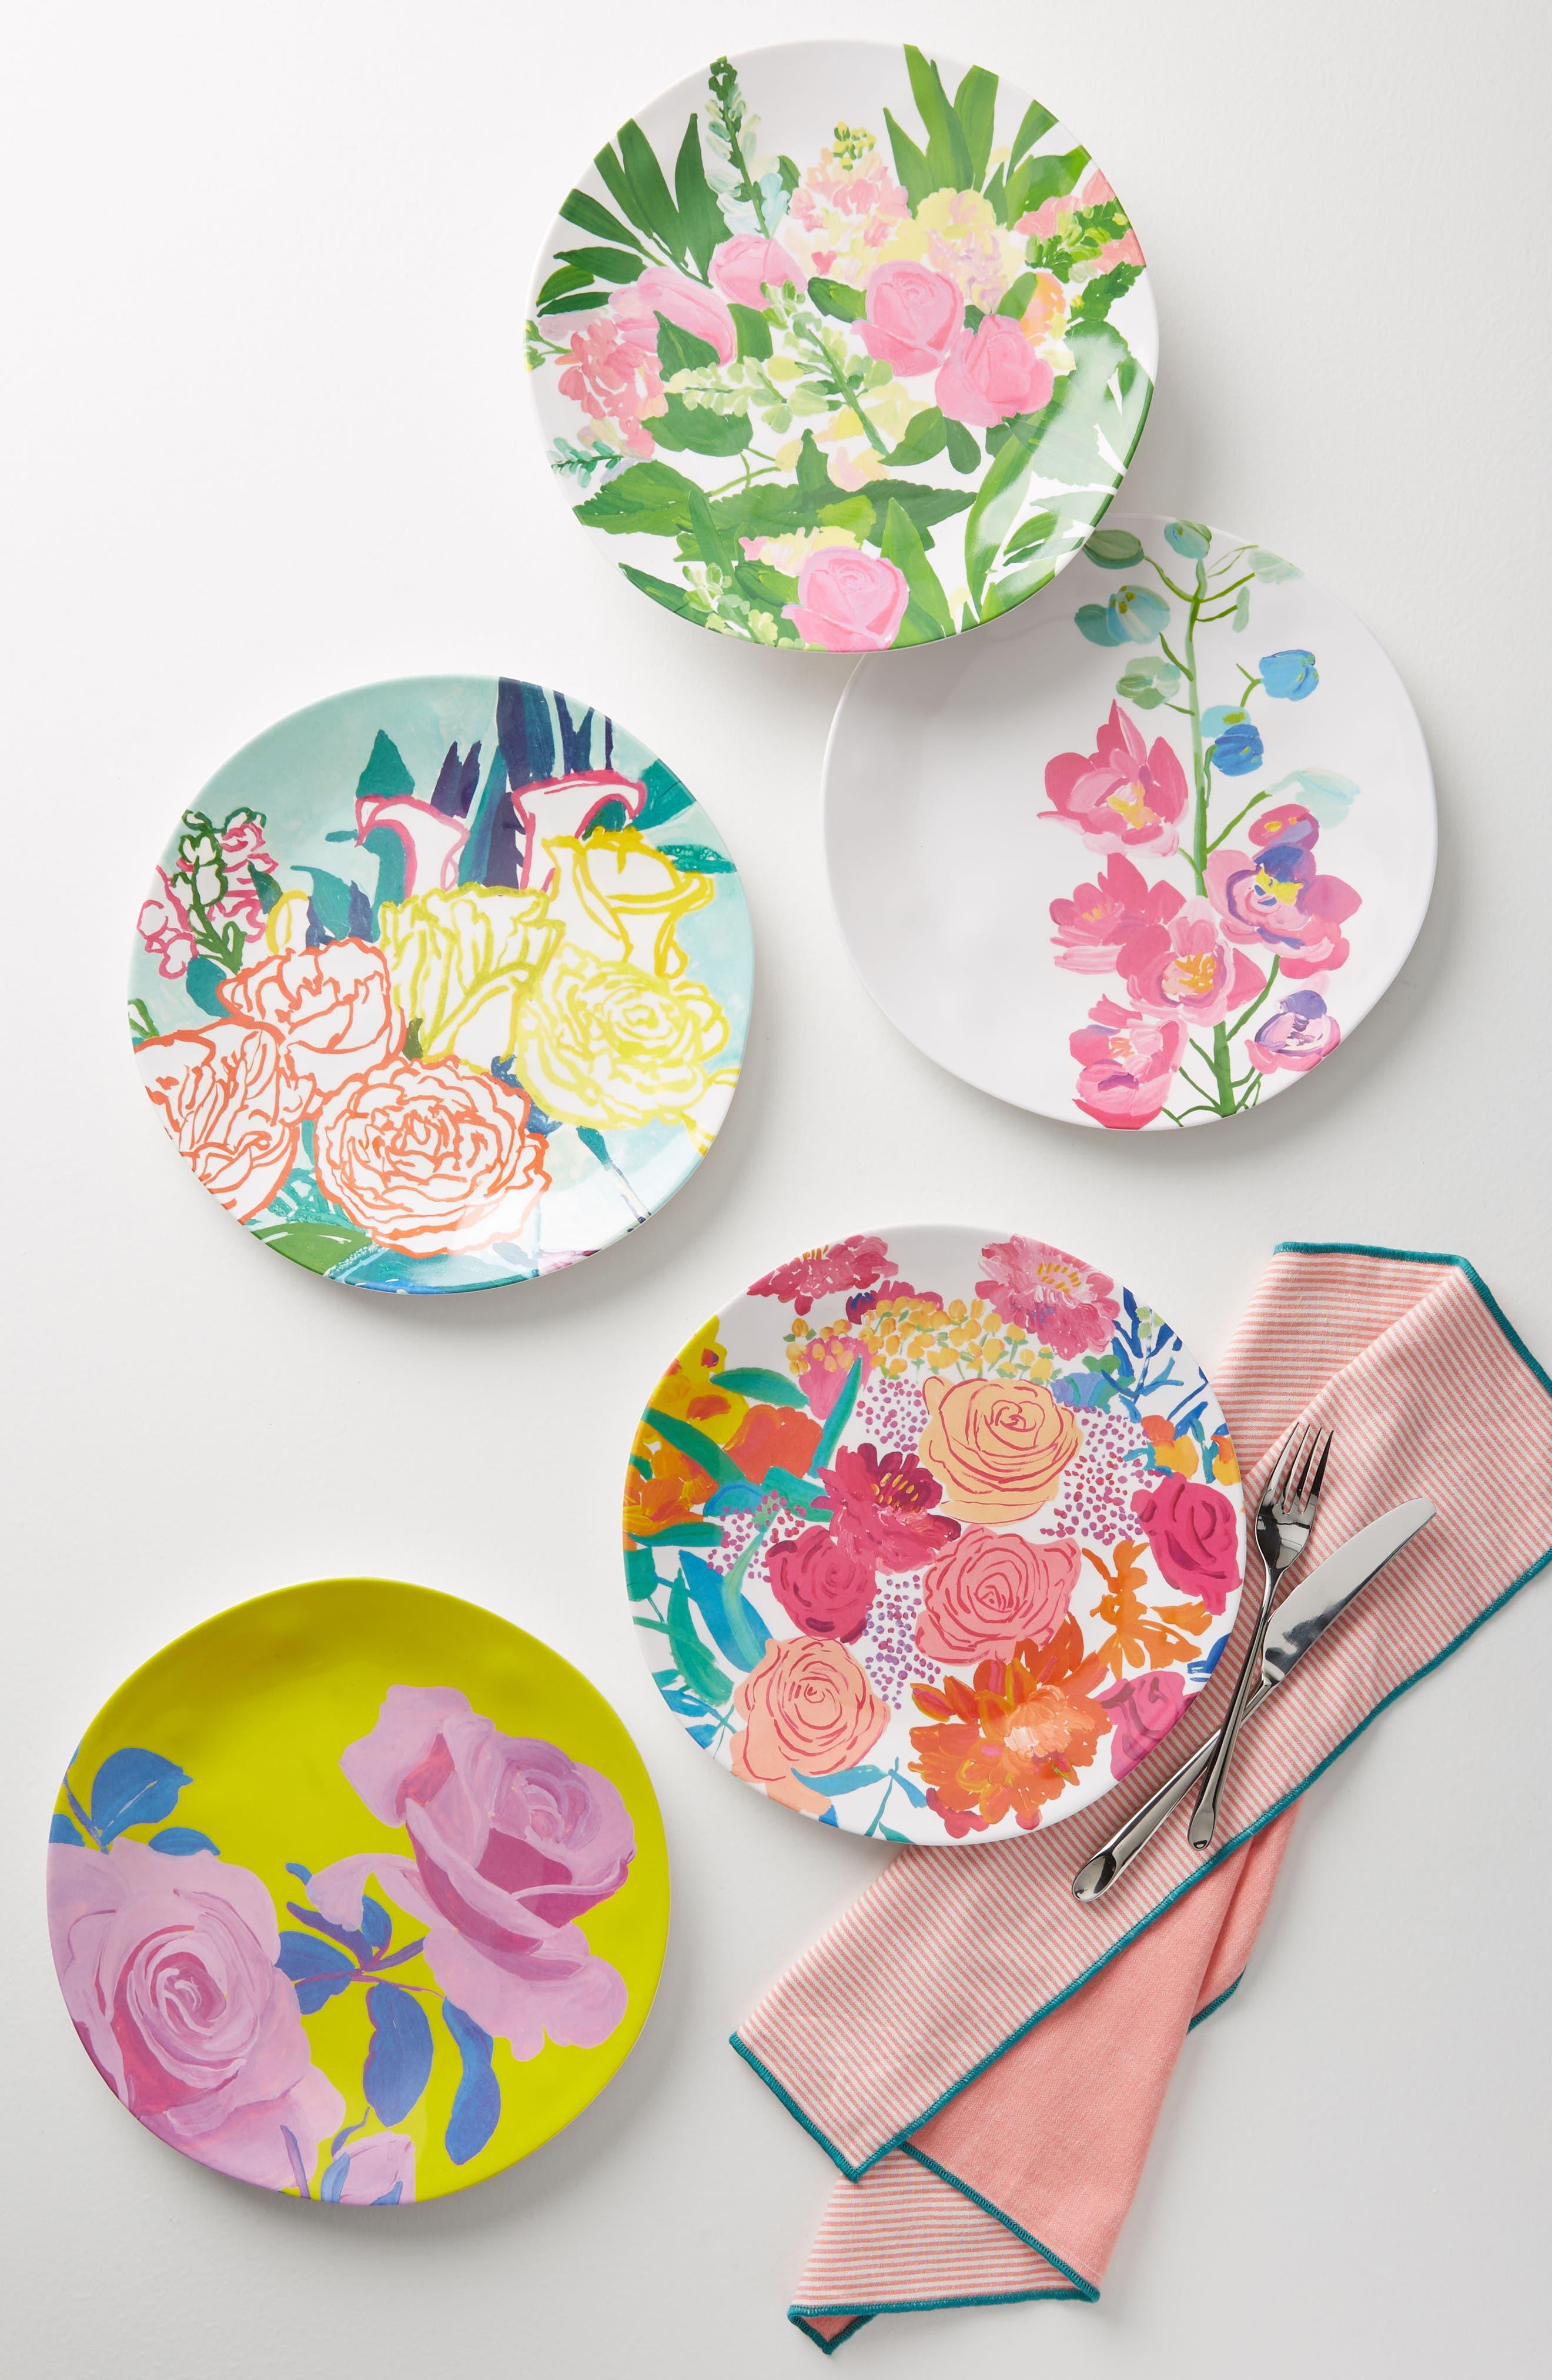 Paint + Petals Melamine Plate,                             Main thumbnail 1, color,                             Turquoise